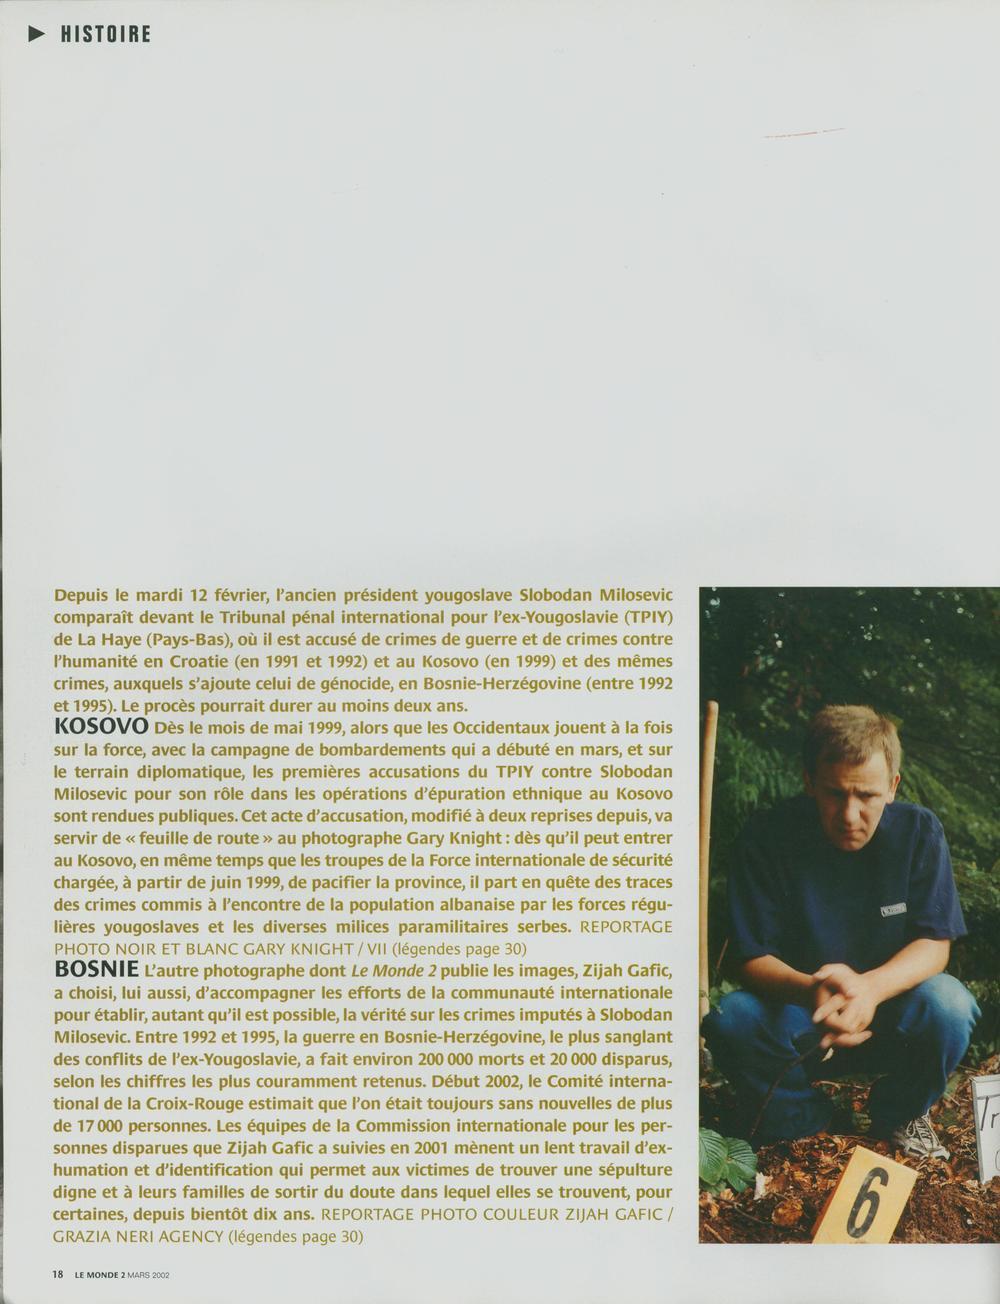 032002_LE MONDE 2_KOSOVO&BOSNIA0003.jpg